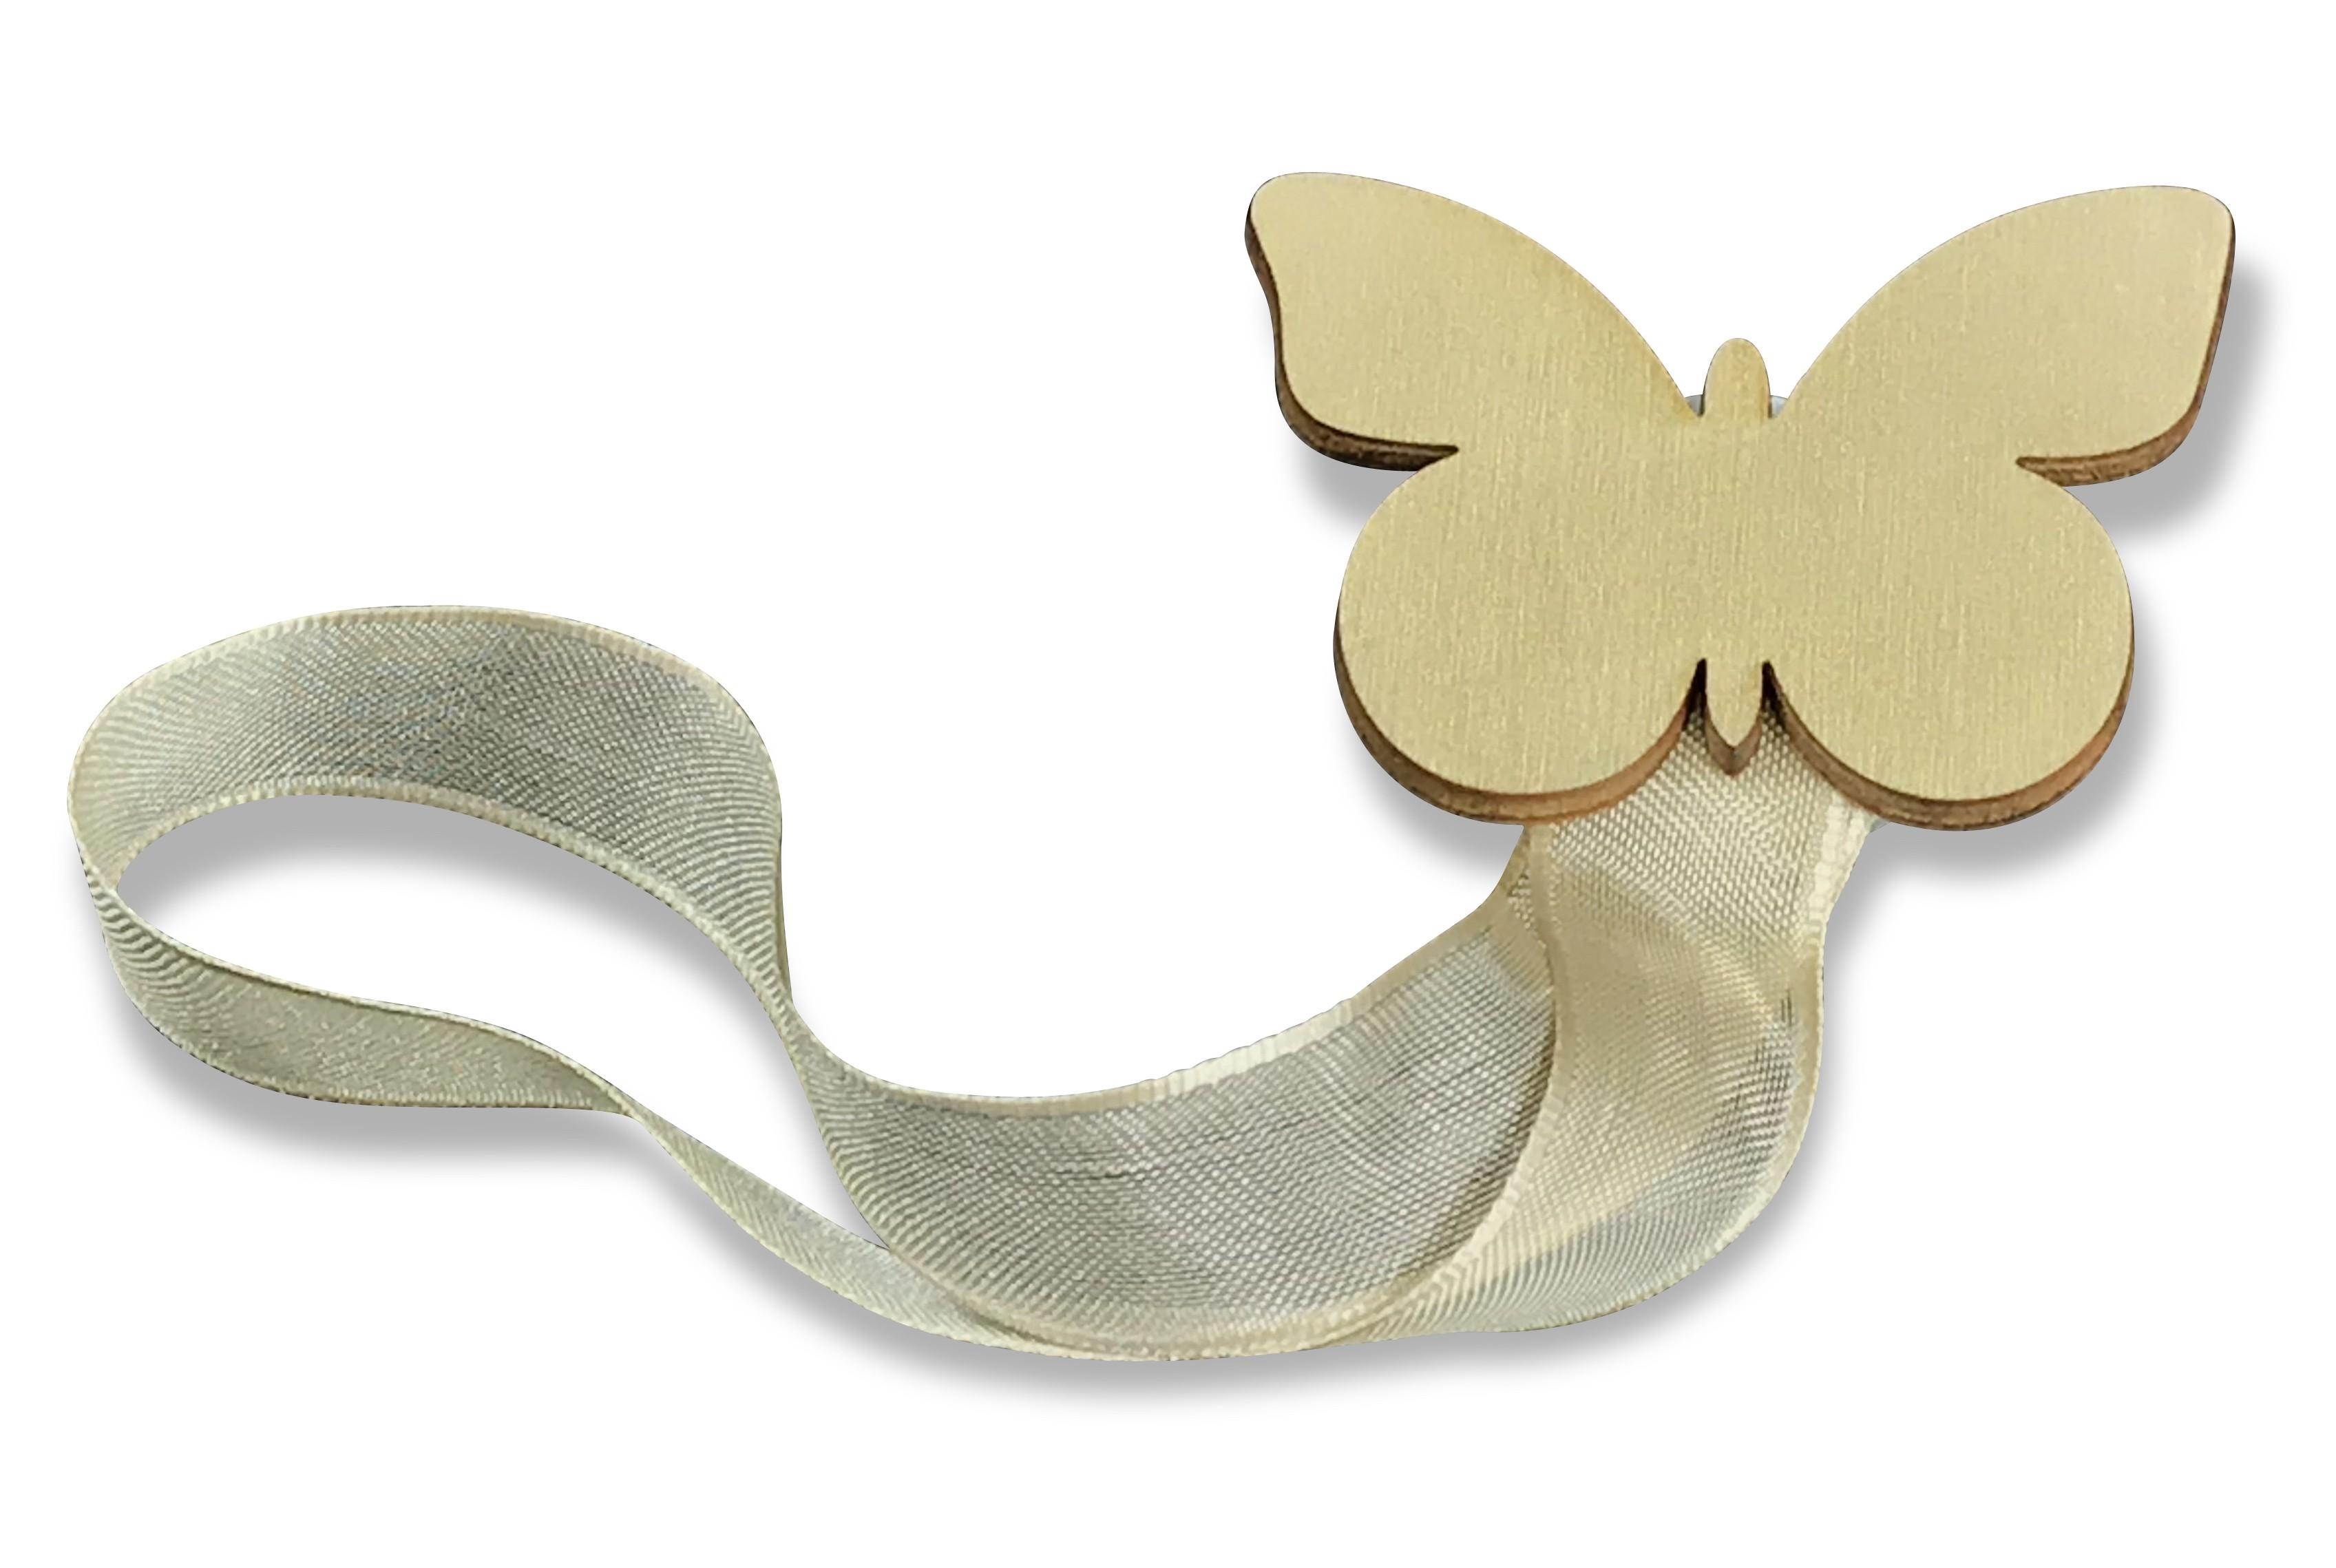 Calamita ferma tenda farfalla oro calamite per tende fermatende la